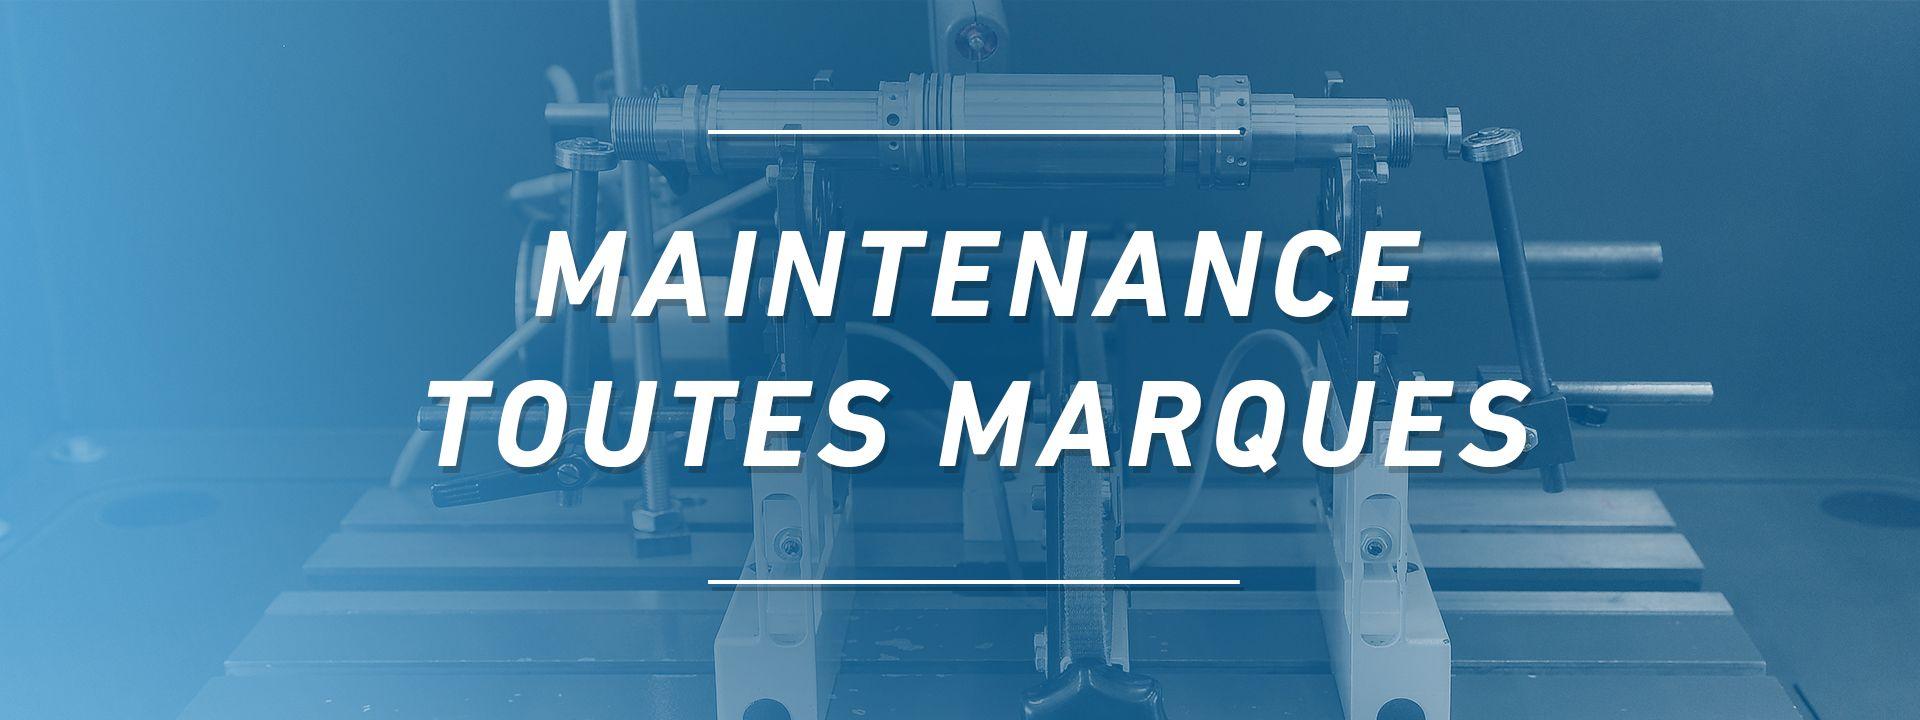 Precise France - Maintenance Toutes Marques